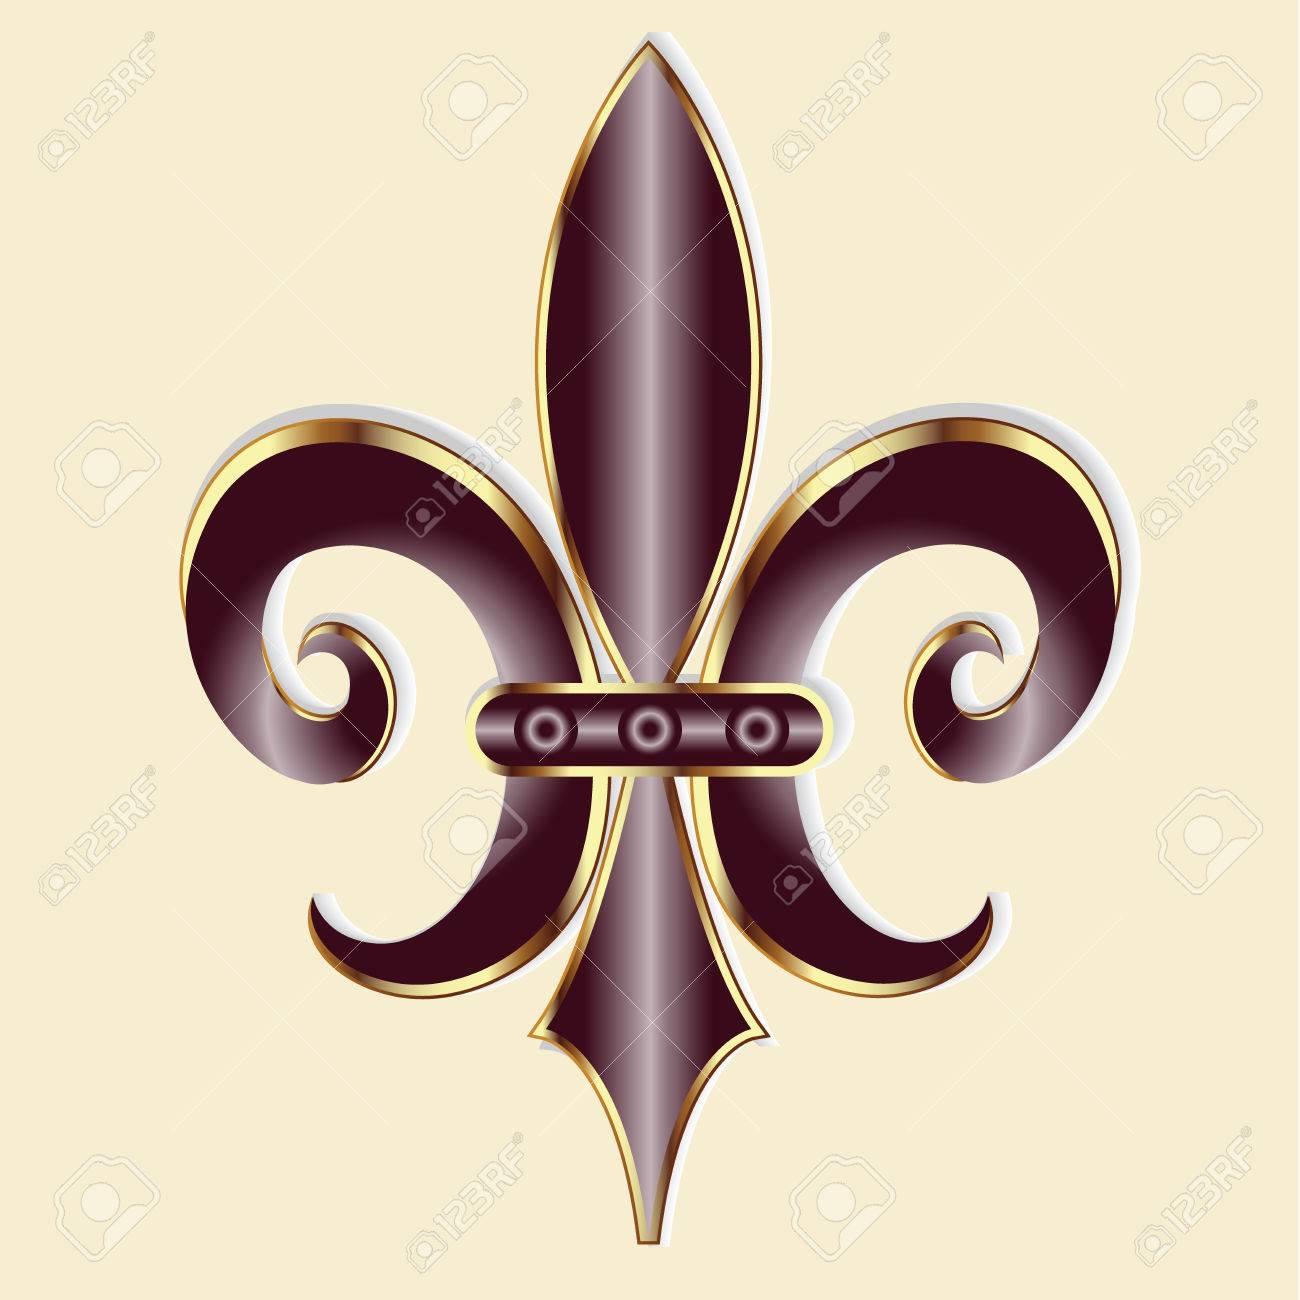 Fleur de lis new orleans symbol flower logo icon vector image new orleans symbol flower logo icon vector image template stock vector buycottarizona Choice Image